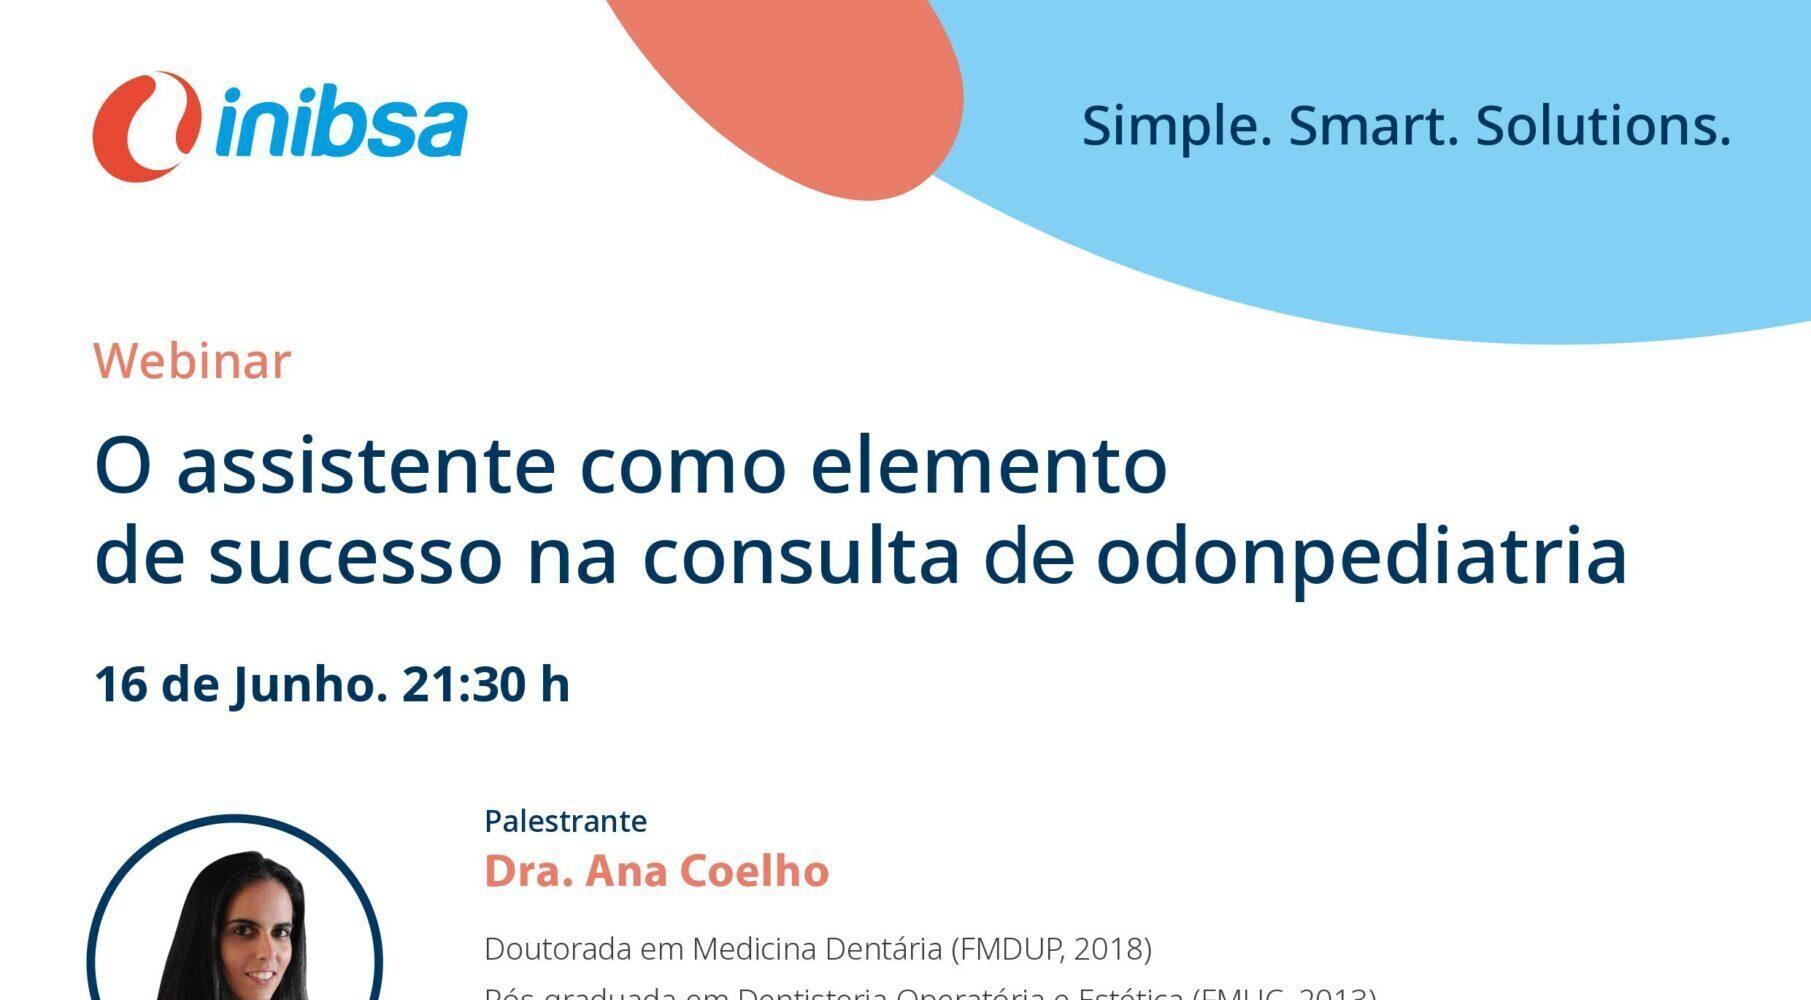 Webinar                                                             O assistente como elemento de sucesso na consulta de odontopediatria                             16 de Junho 21:30 h